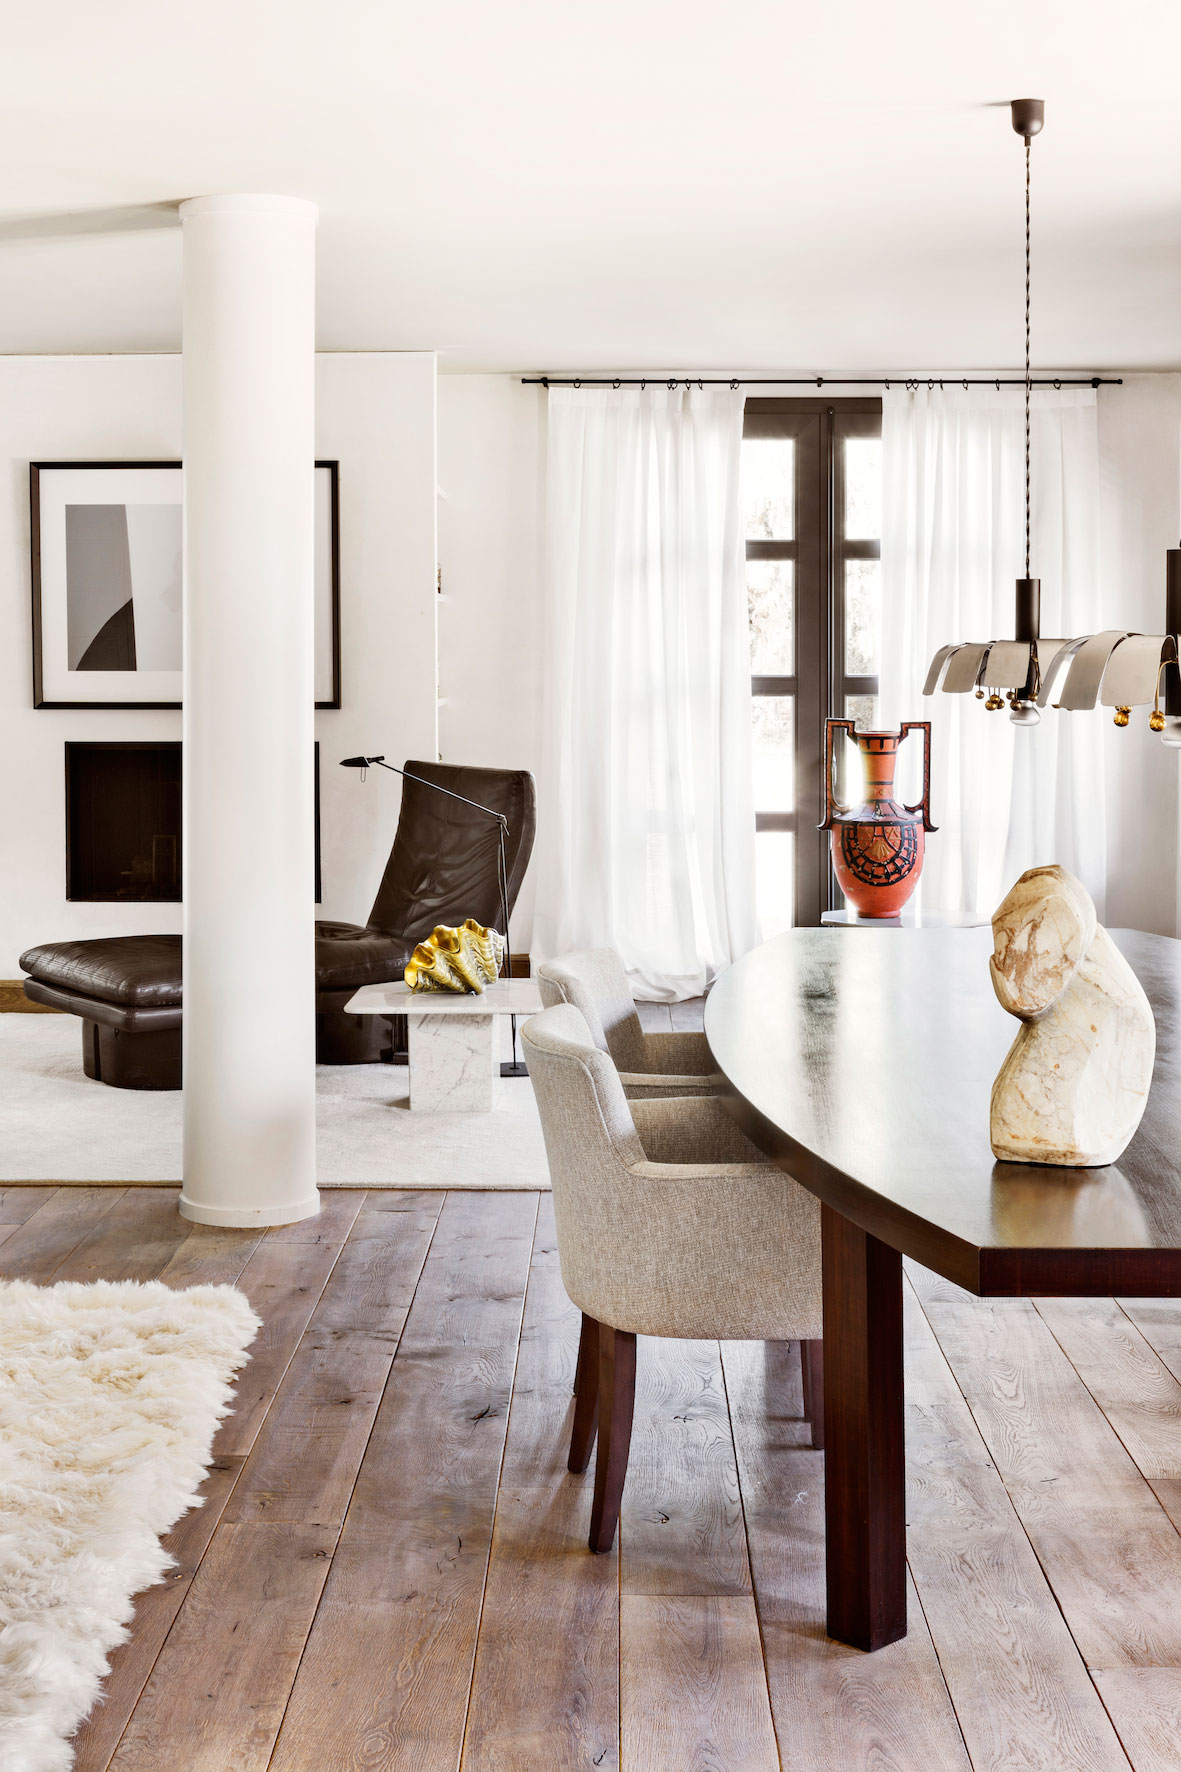 serge-castella-interiors-city-apartment-01